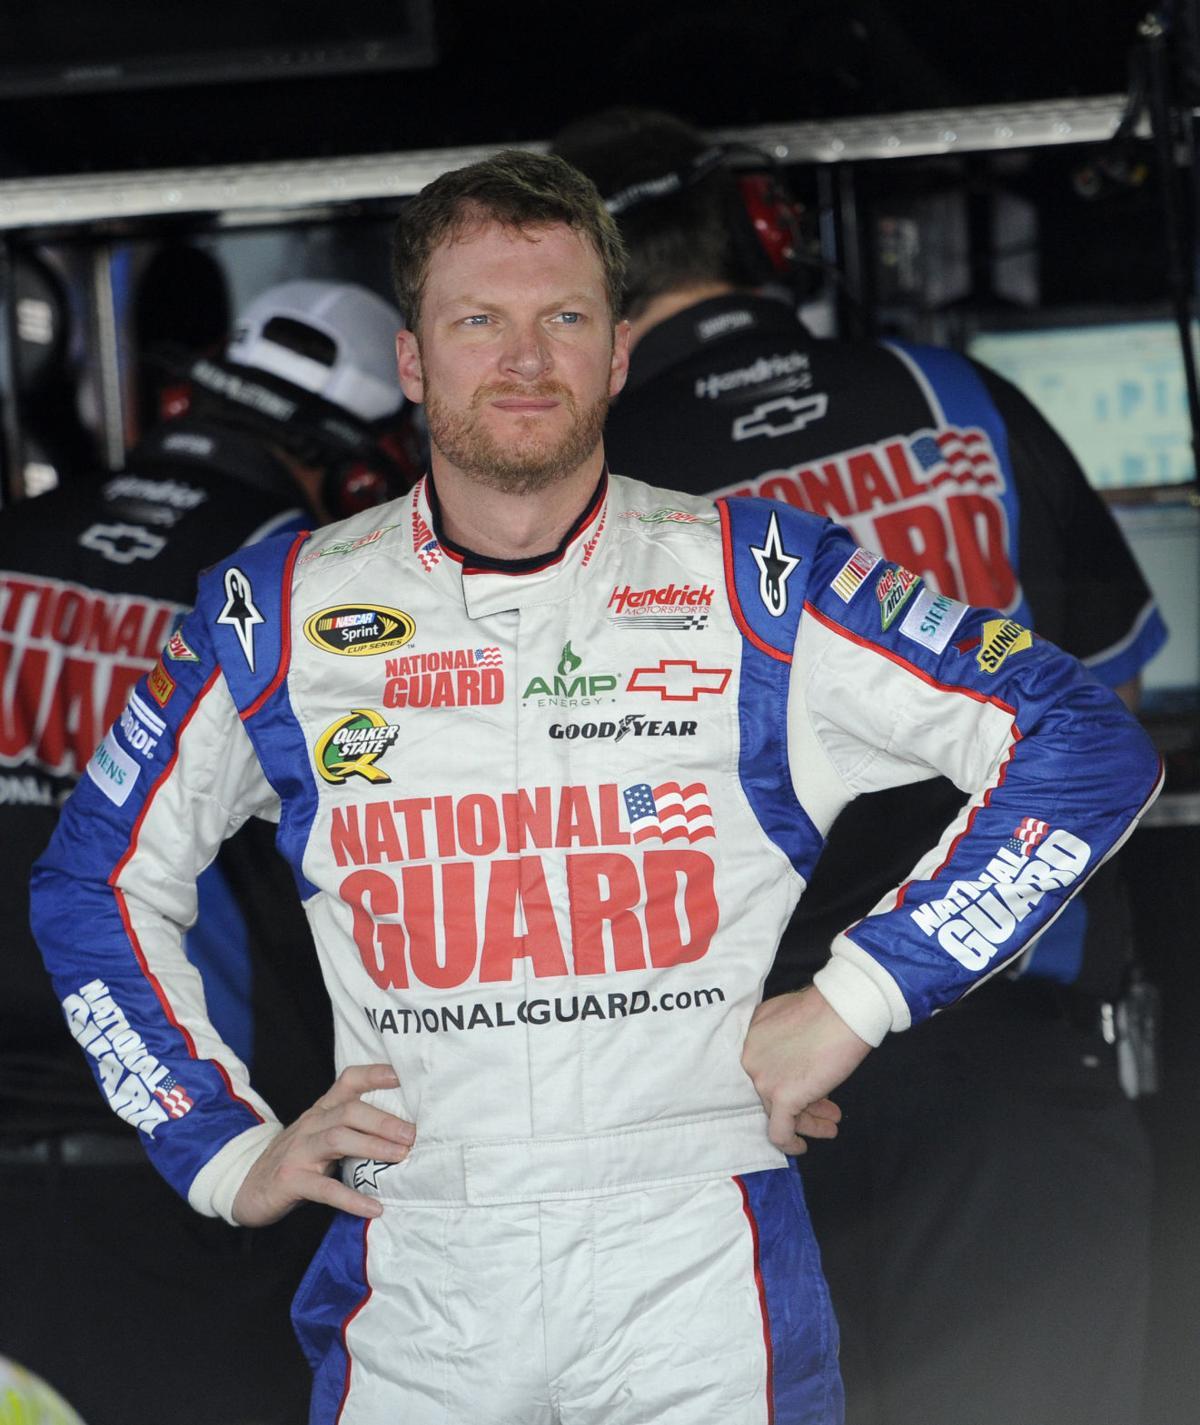 Dale Earnhardt Jr. has concussion, out 2 races